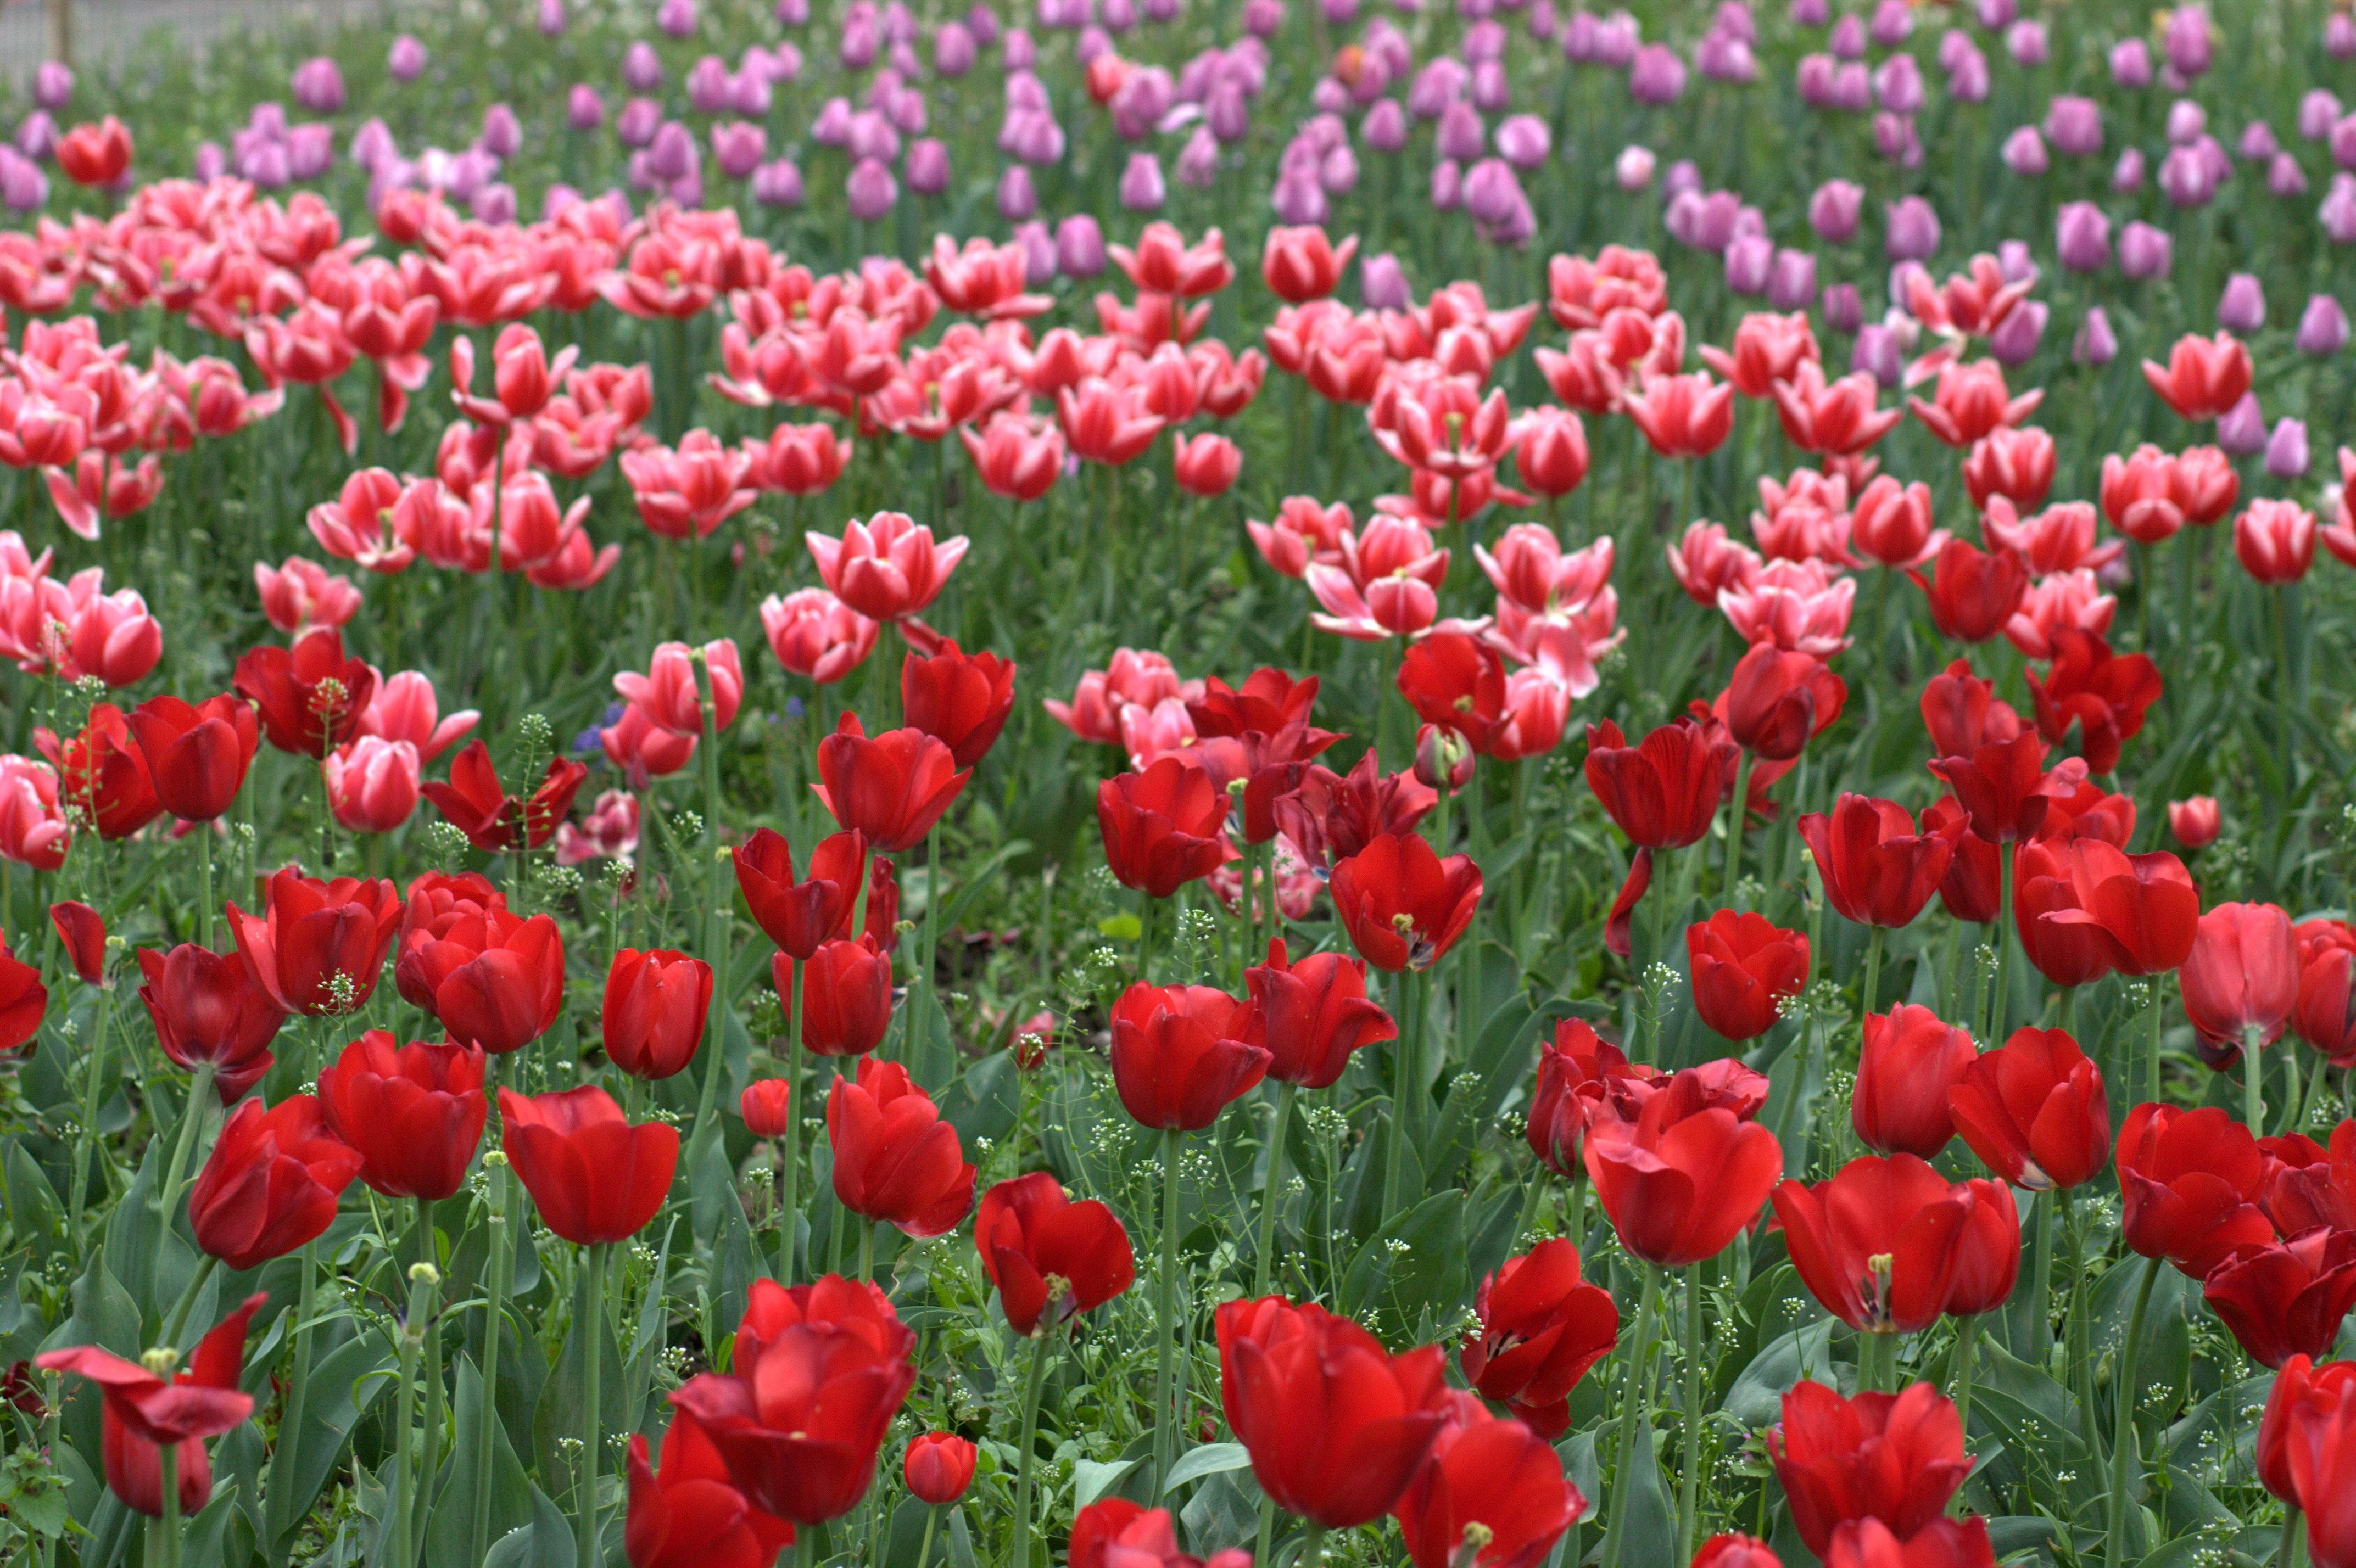 Fotoğraf çiçek Taçyaprağı Lale Bahar çiçekler Boyama